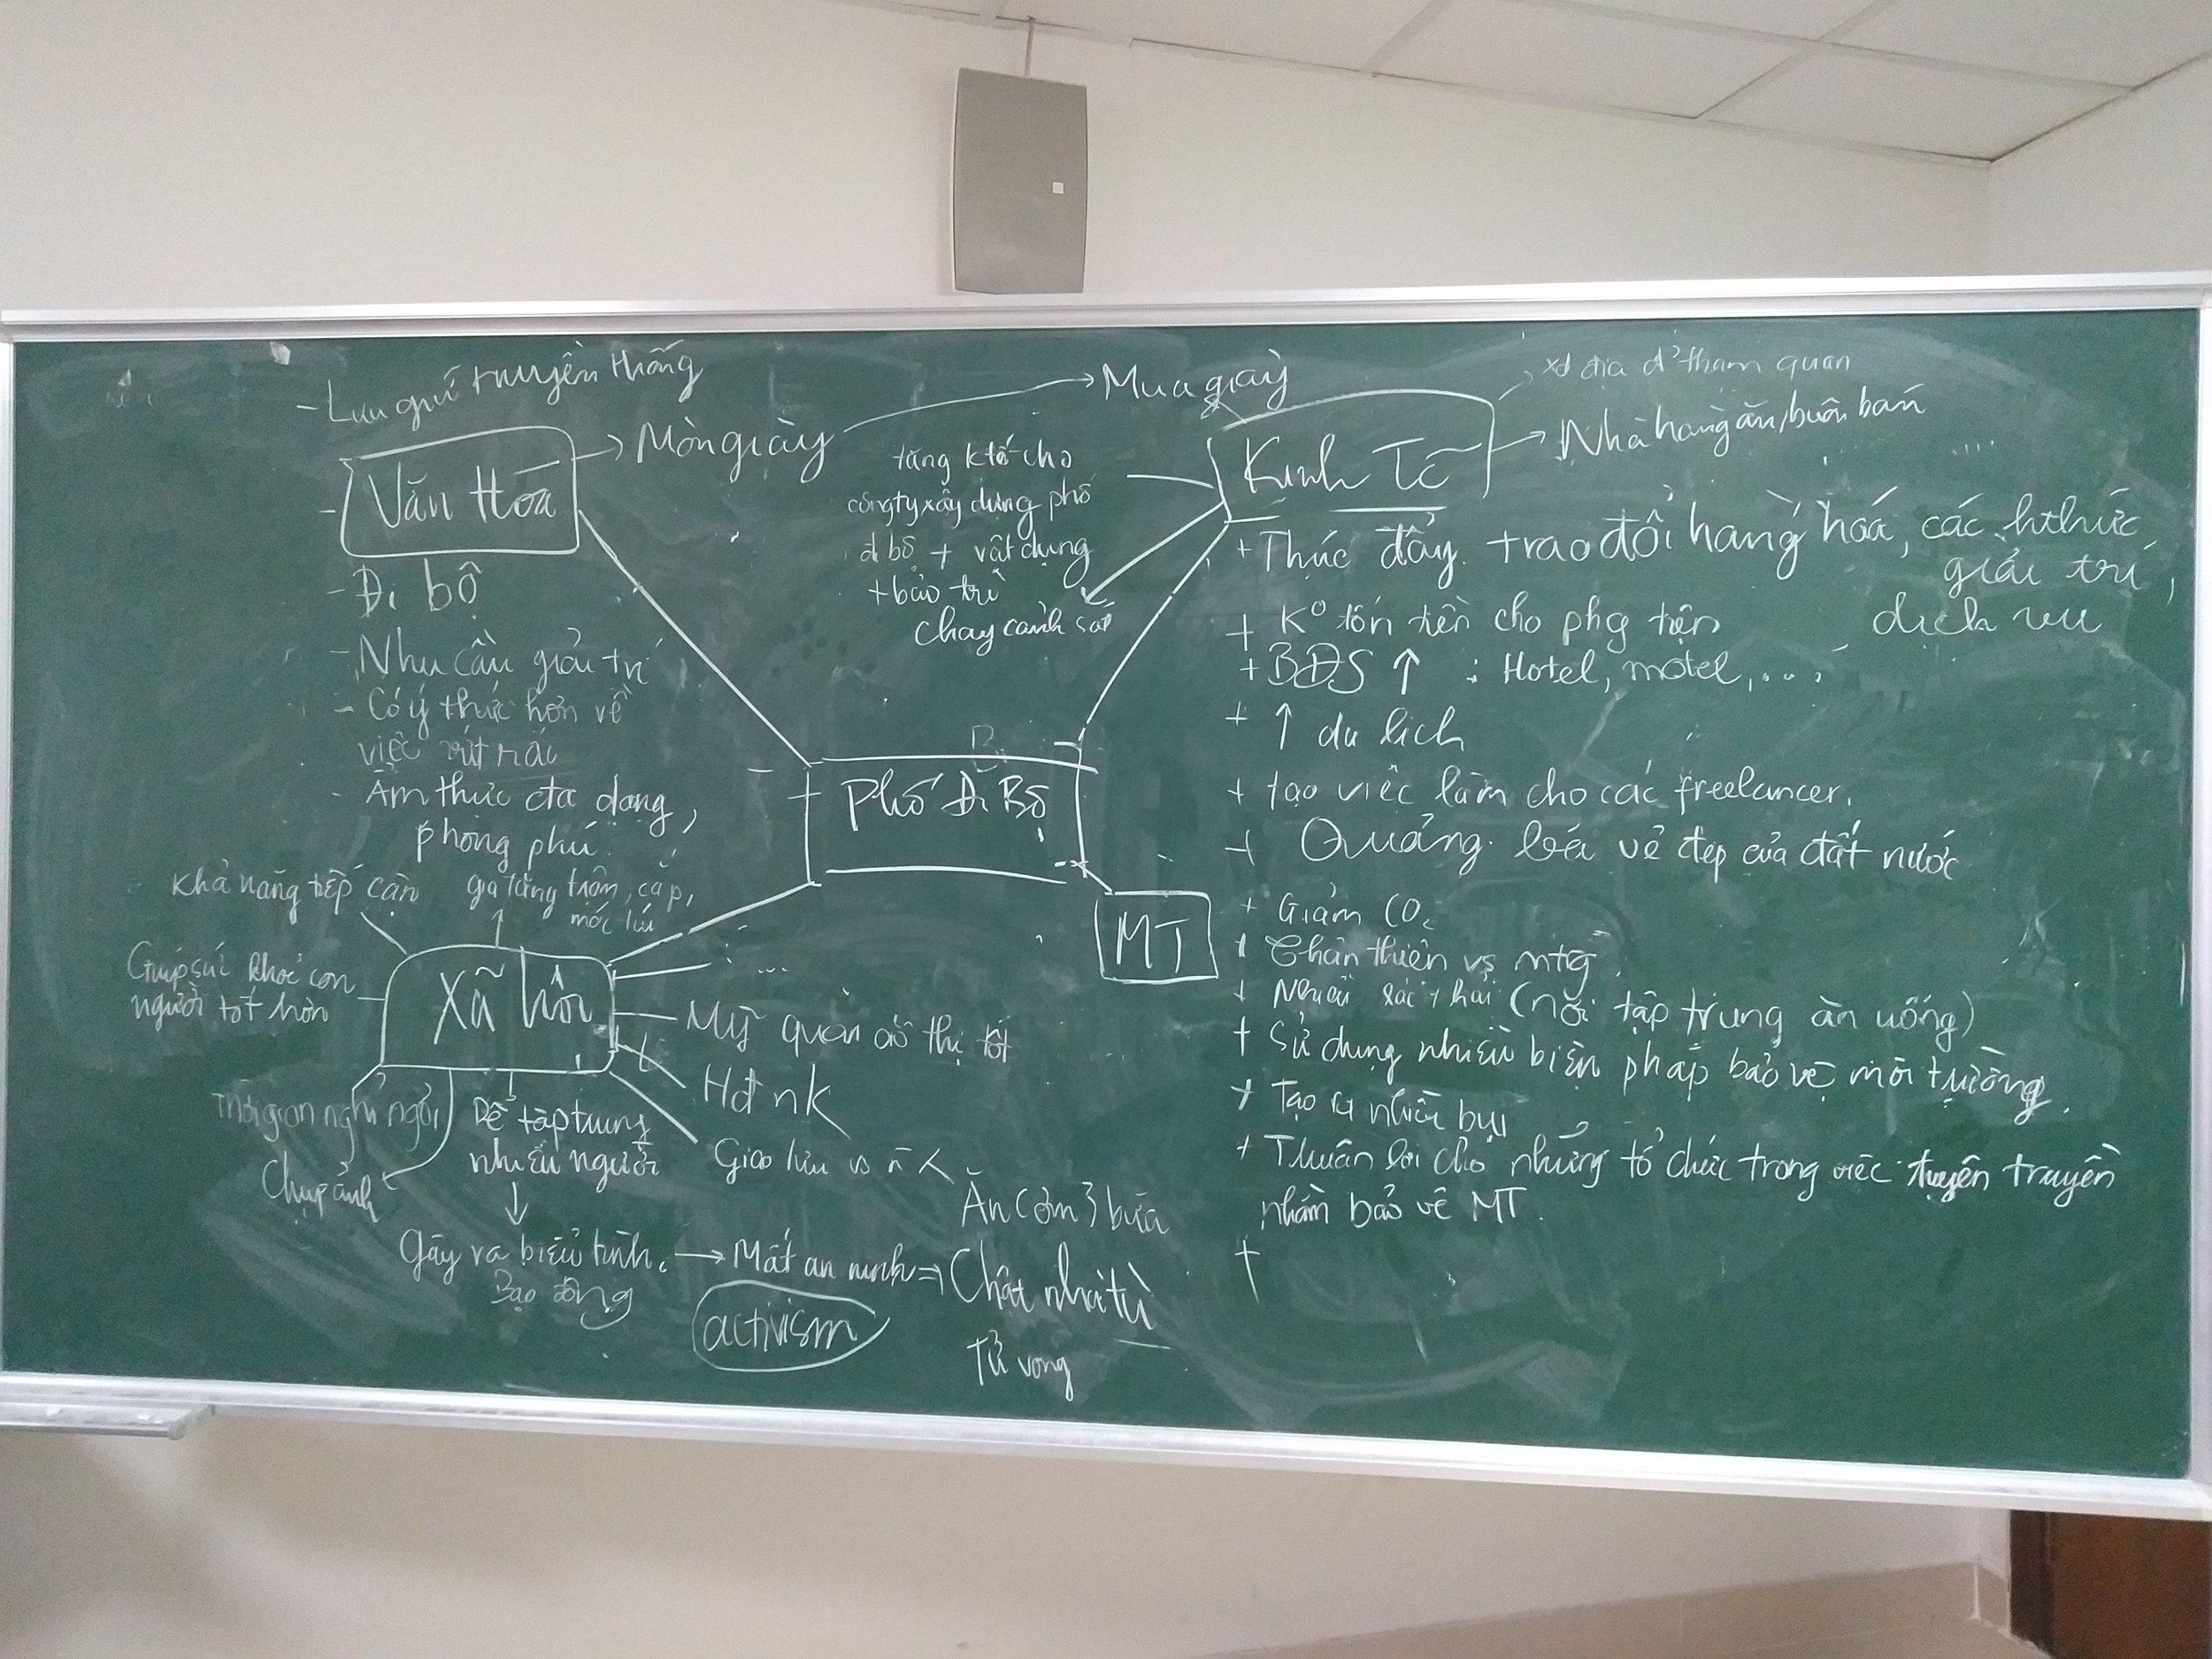 Students' 4 Pillars of Sustainability analysis on Pedestrian Street